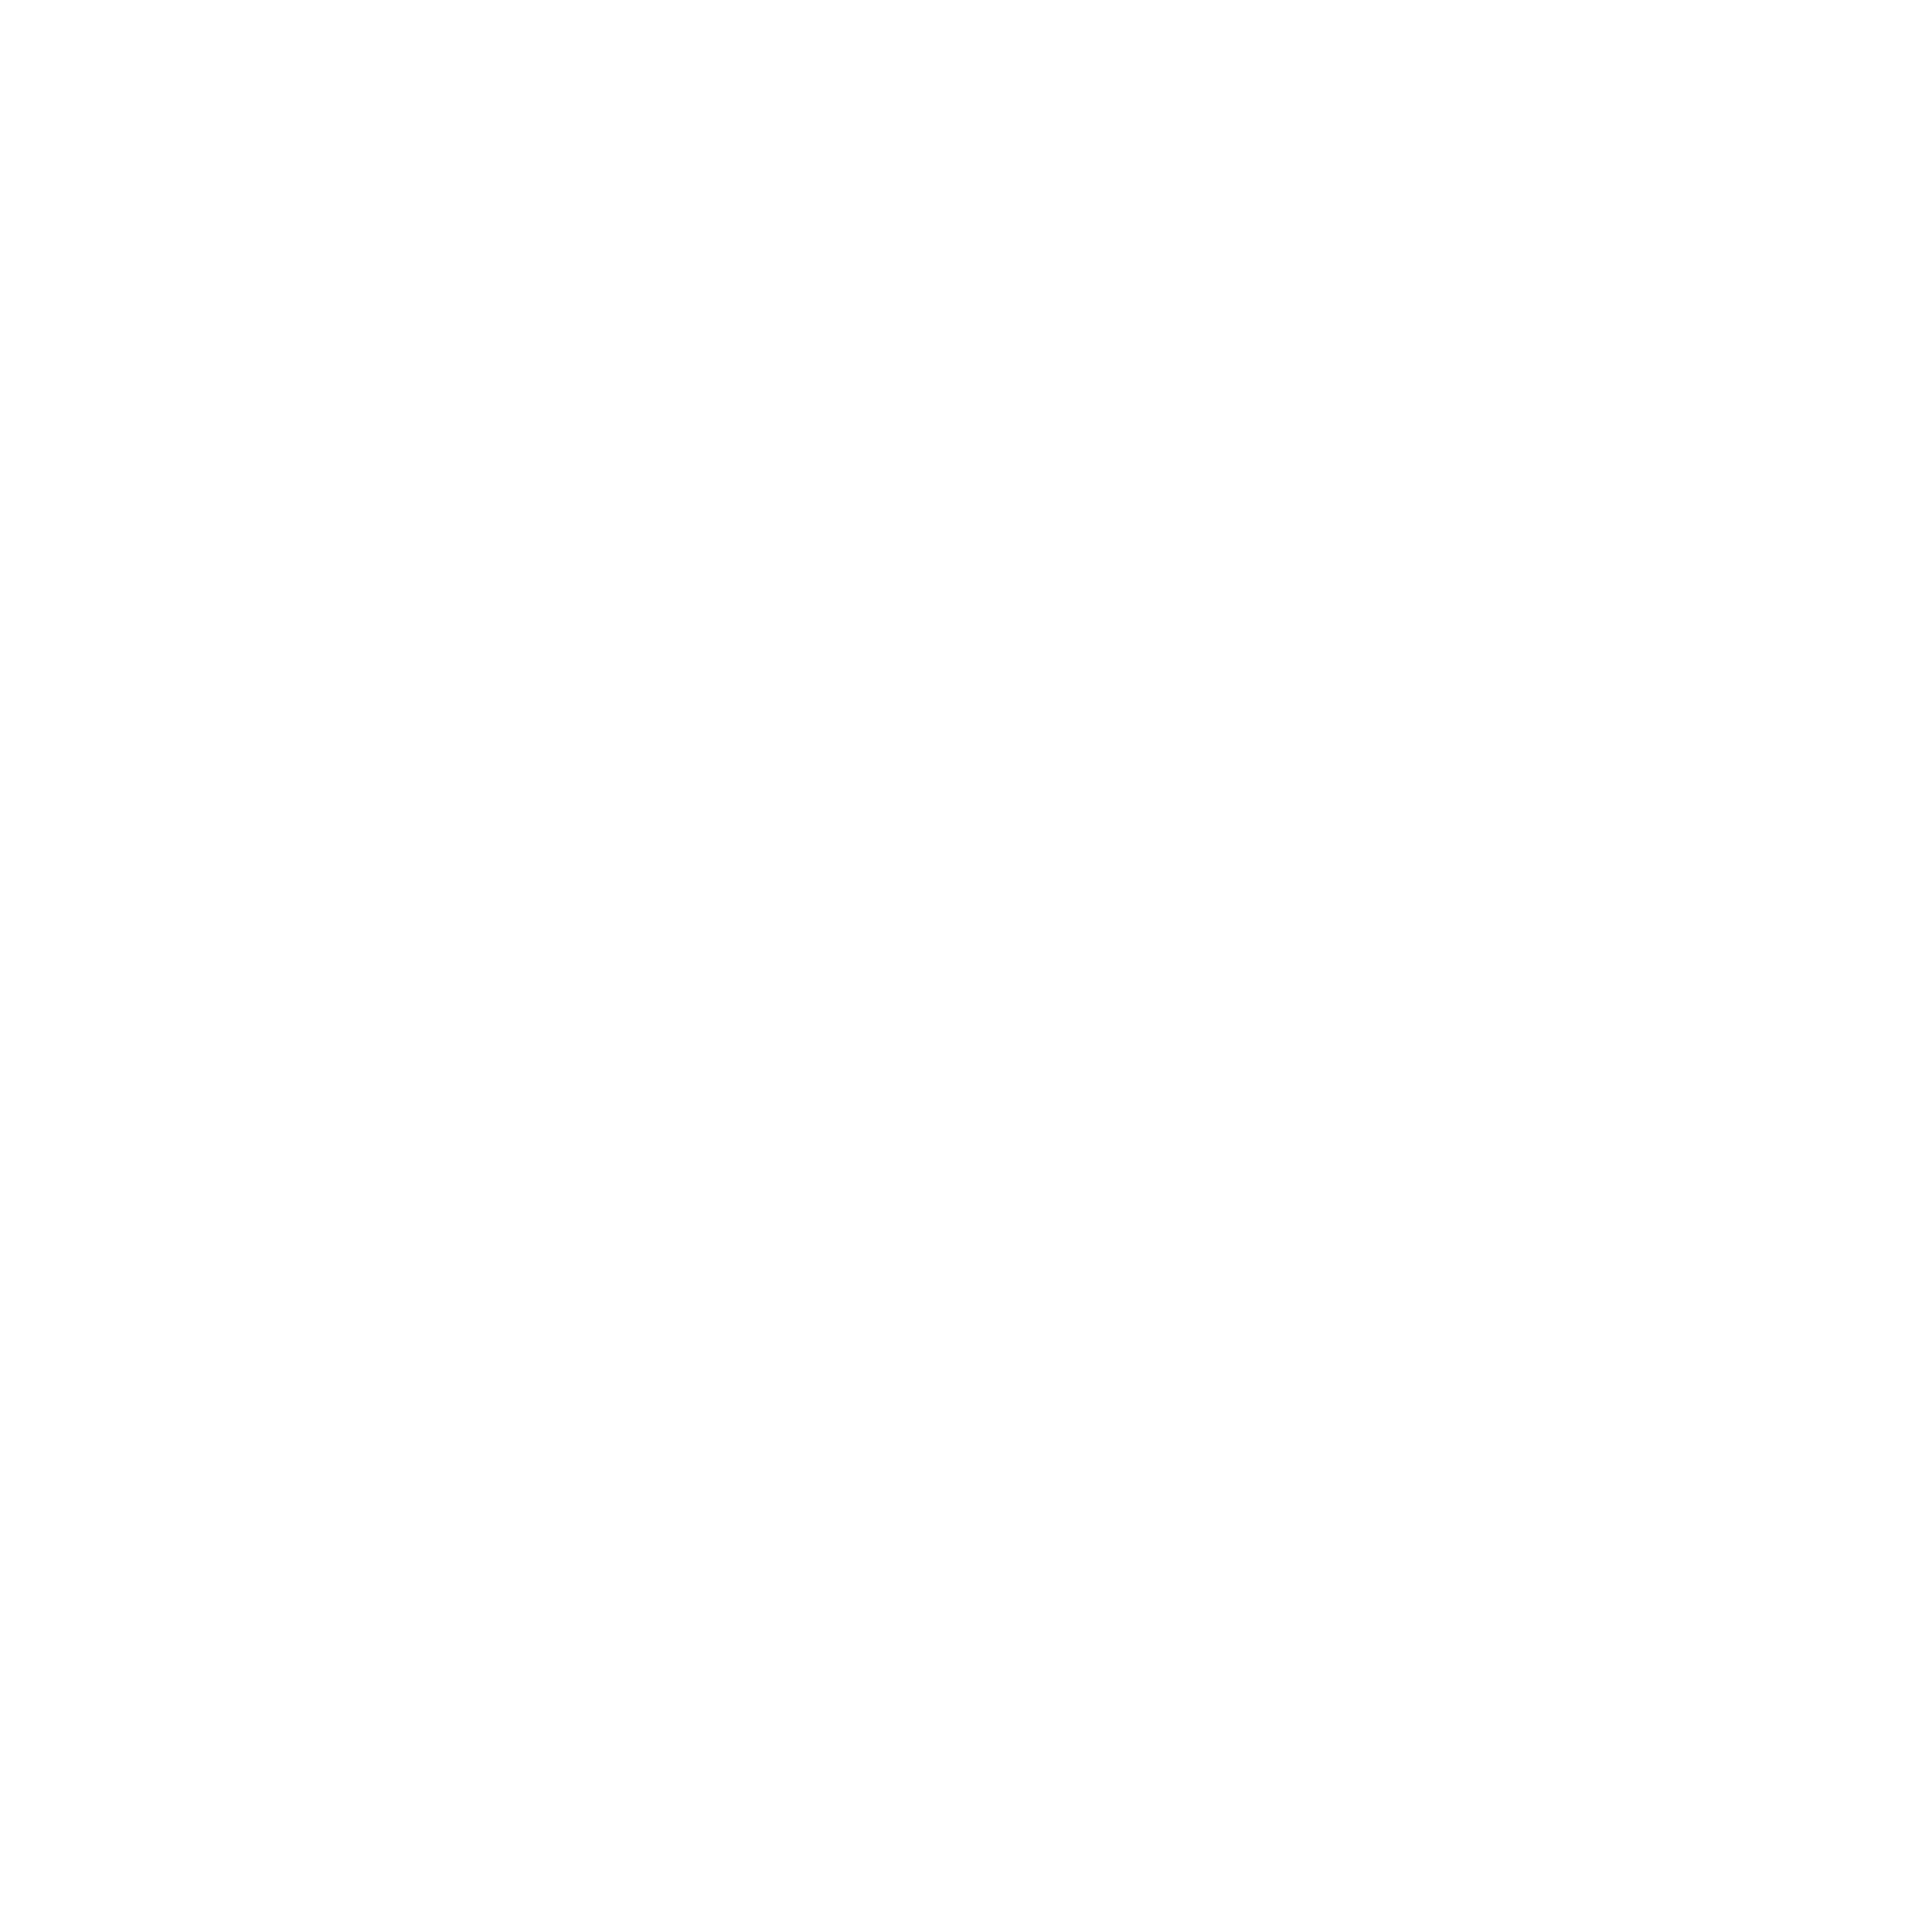 Smooch Docs | Native Android SDK